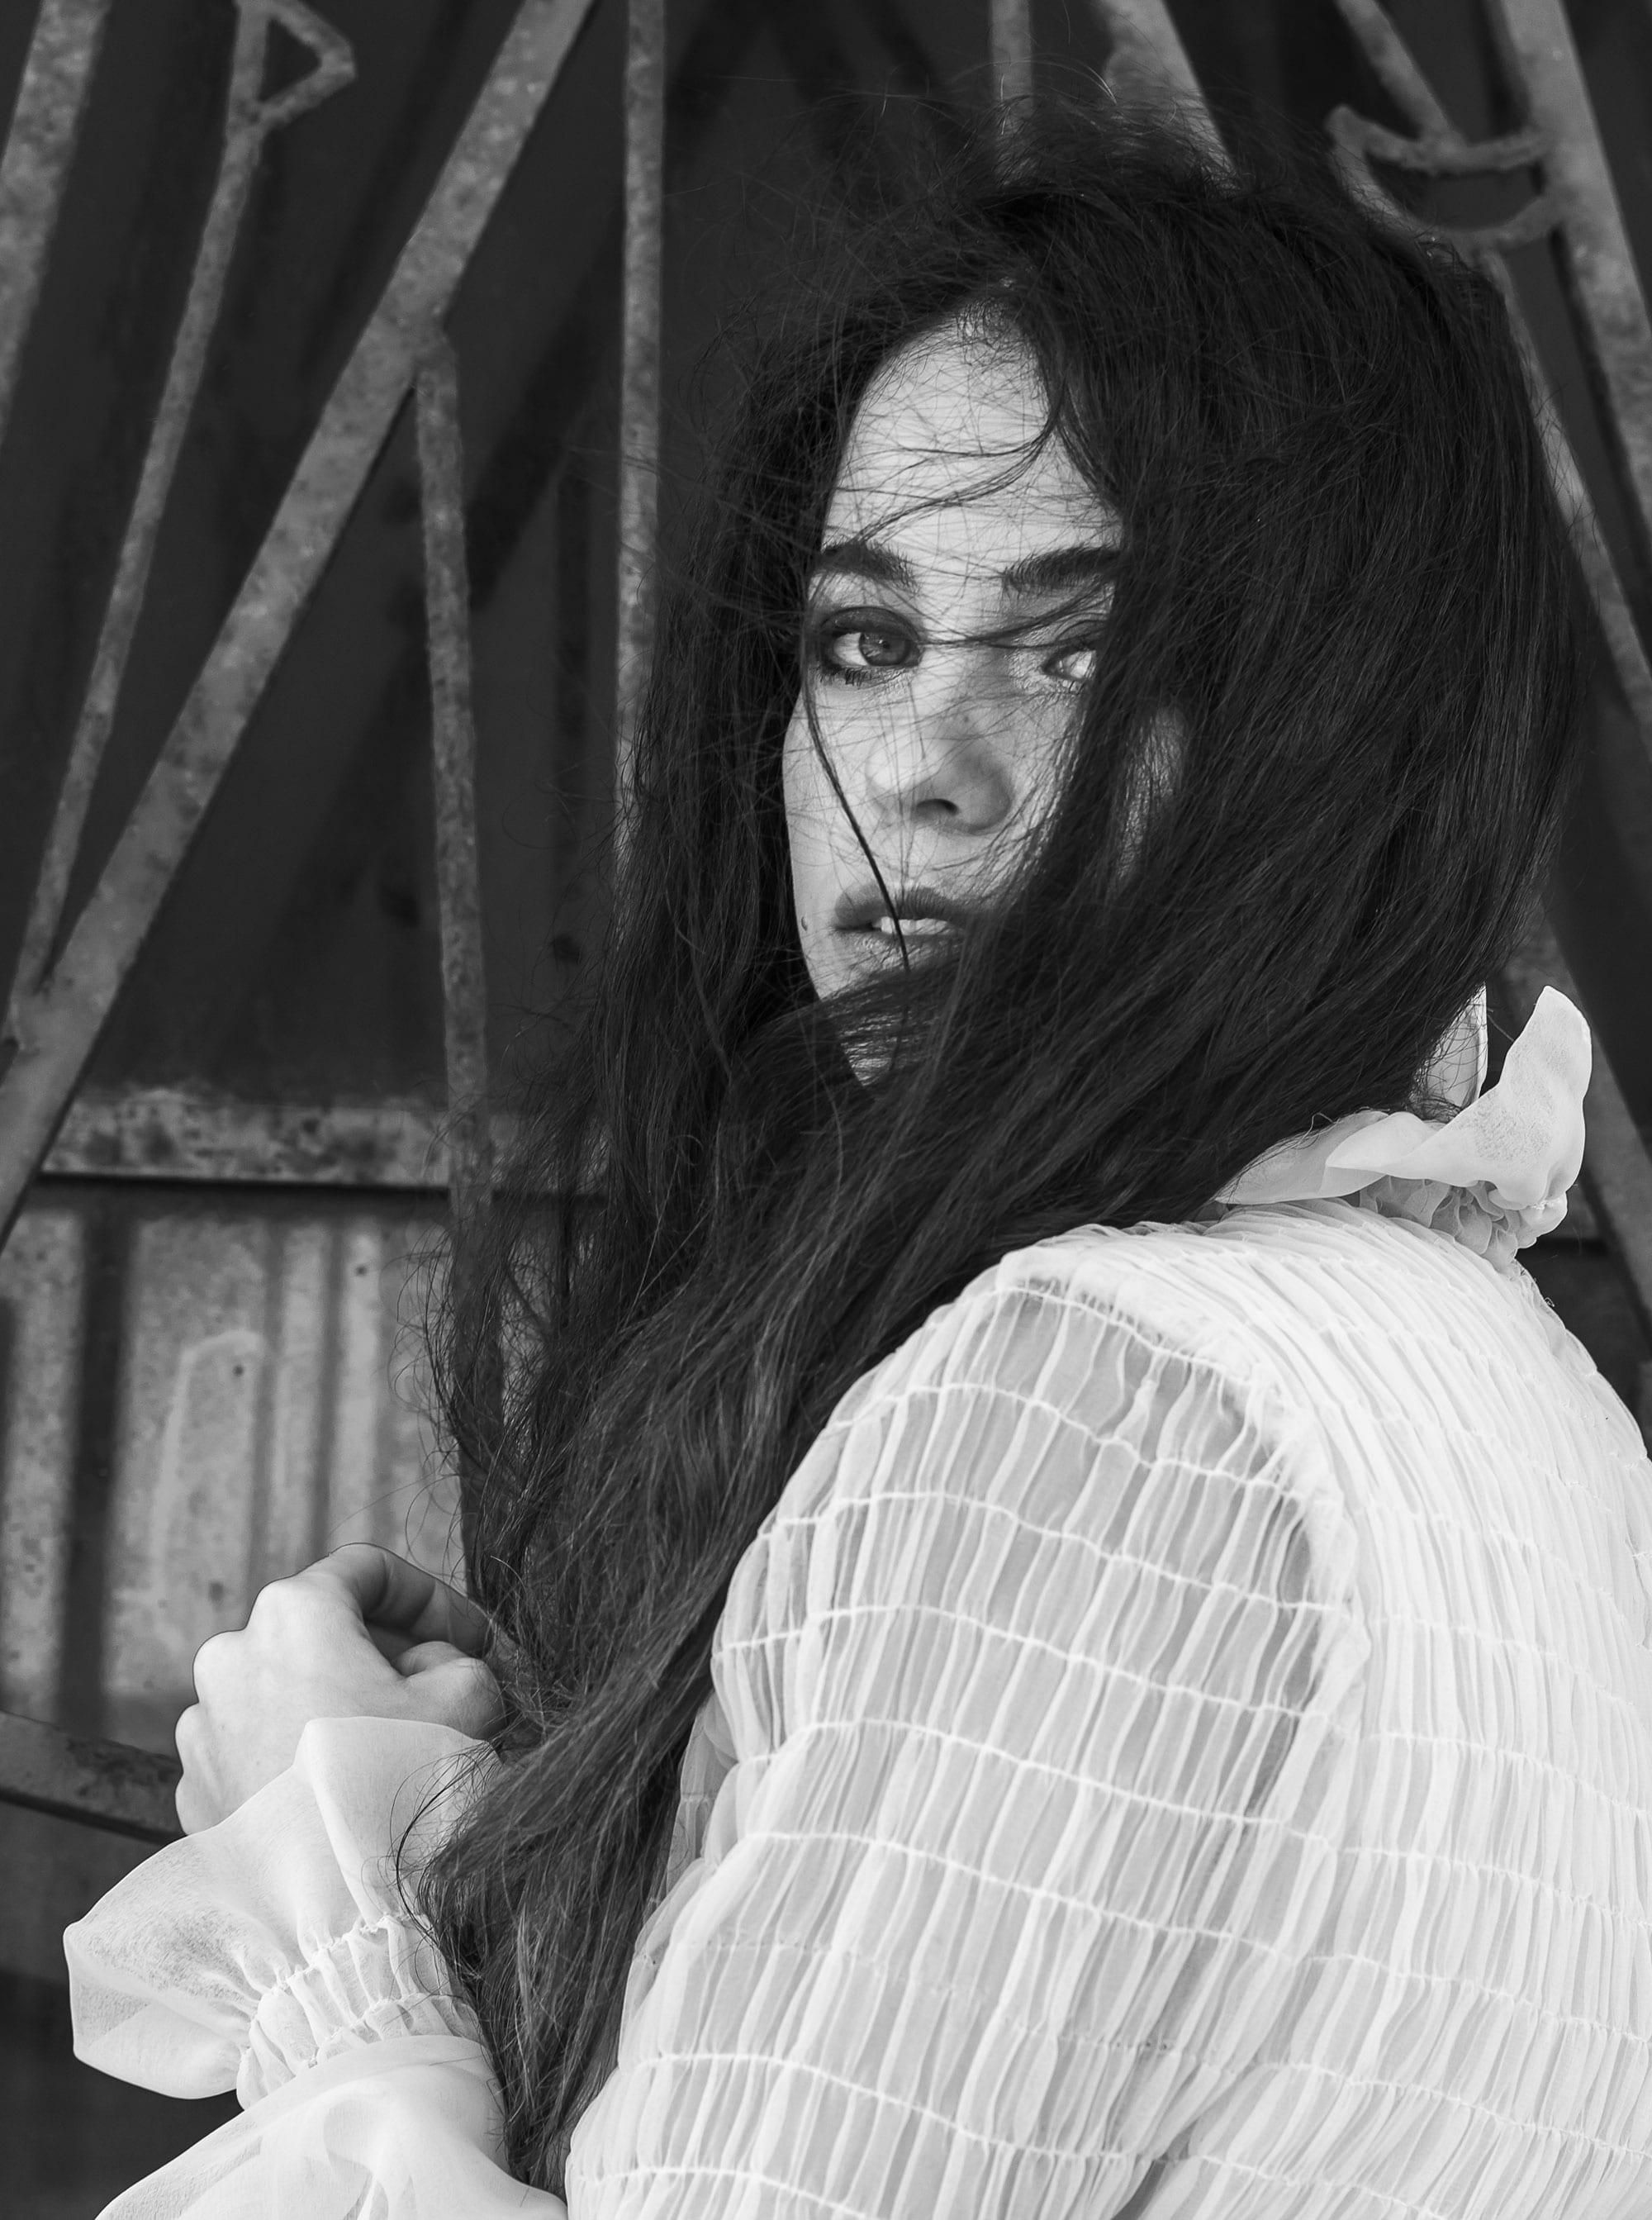 ניב סופר, צילום שרון סטאר, איפור אורנה רימוק, כתבות אופנה, לוני וינטג׳ - 4